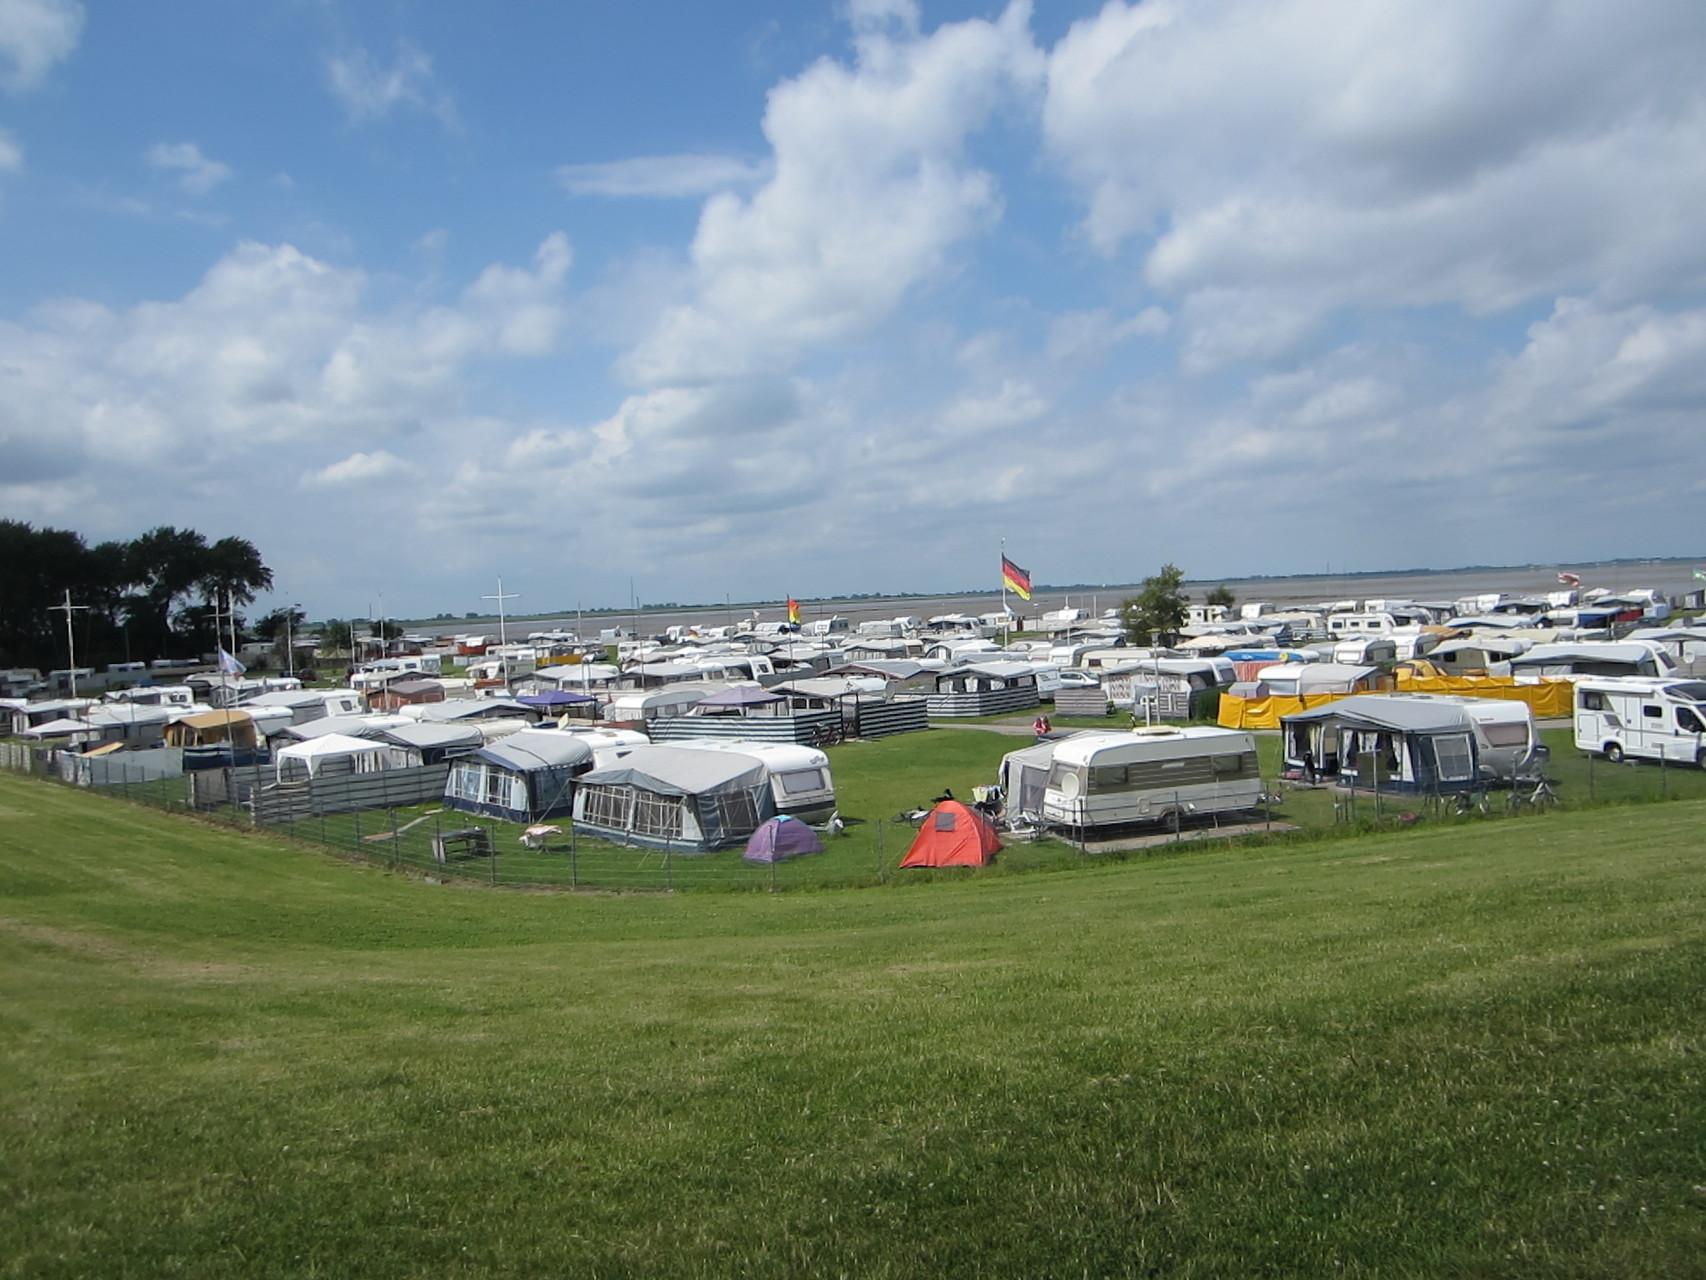 Campingplatz Rennweide im Frühjahr